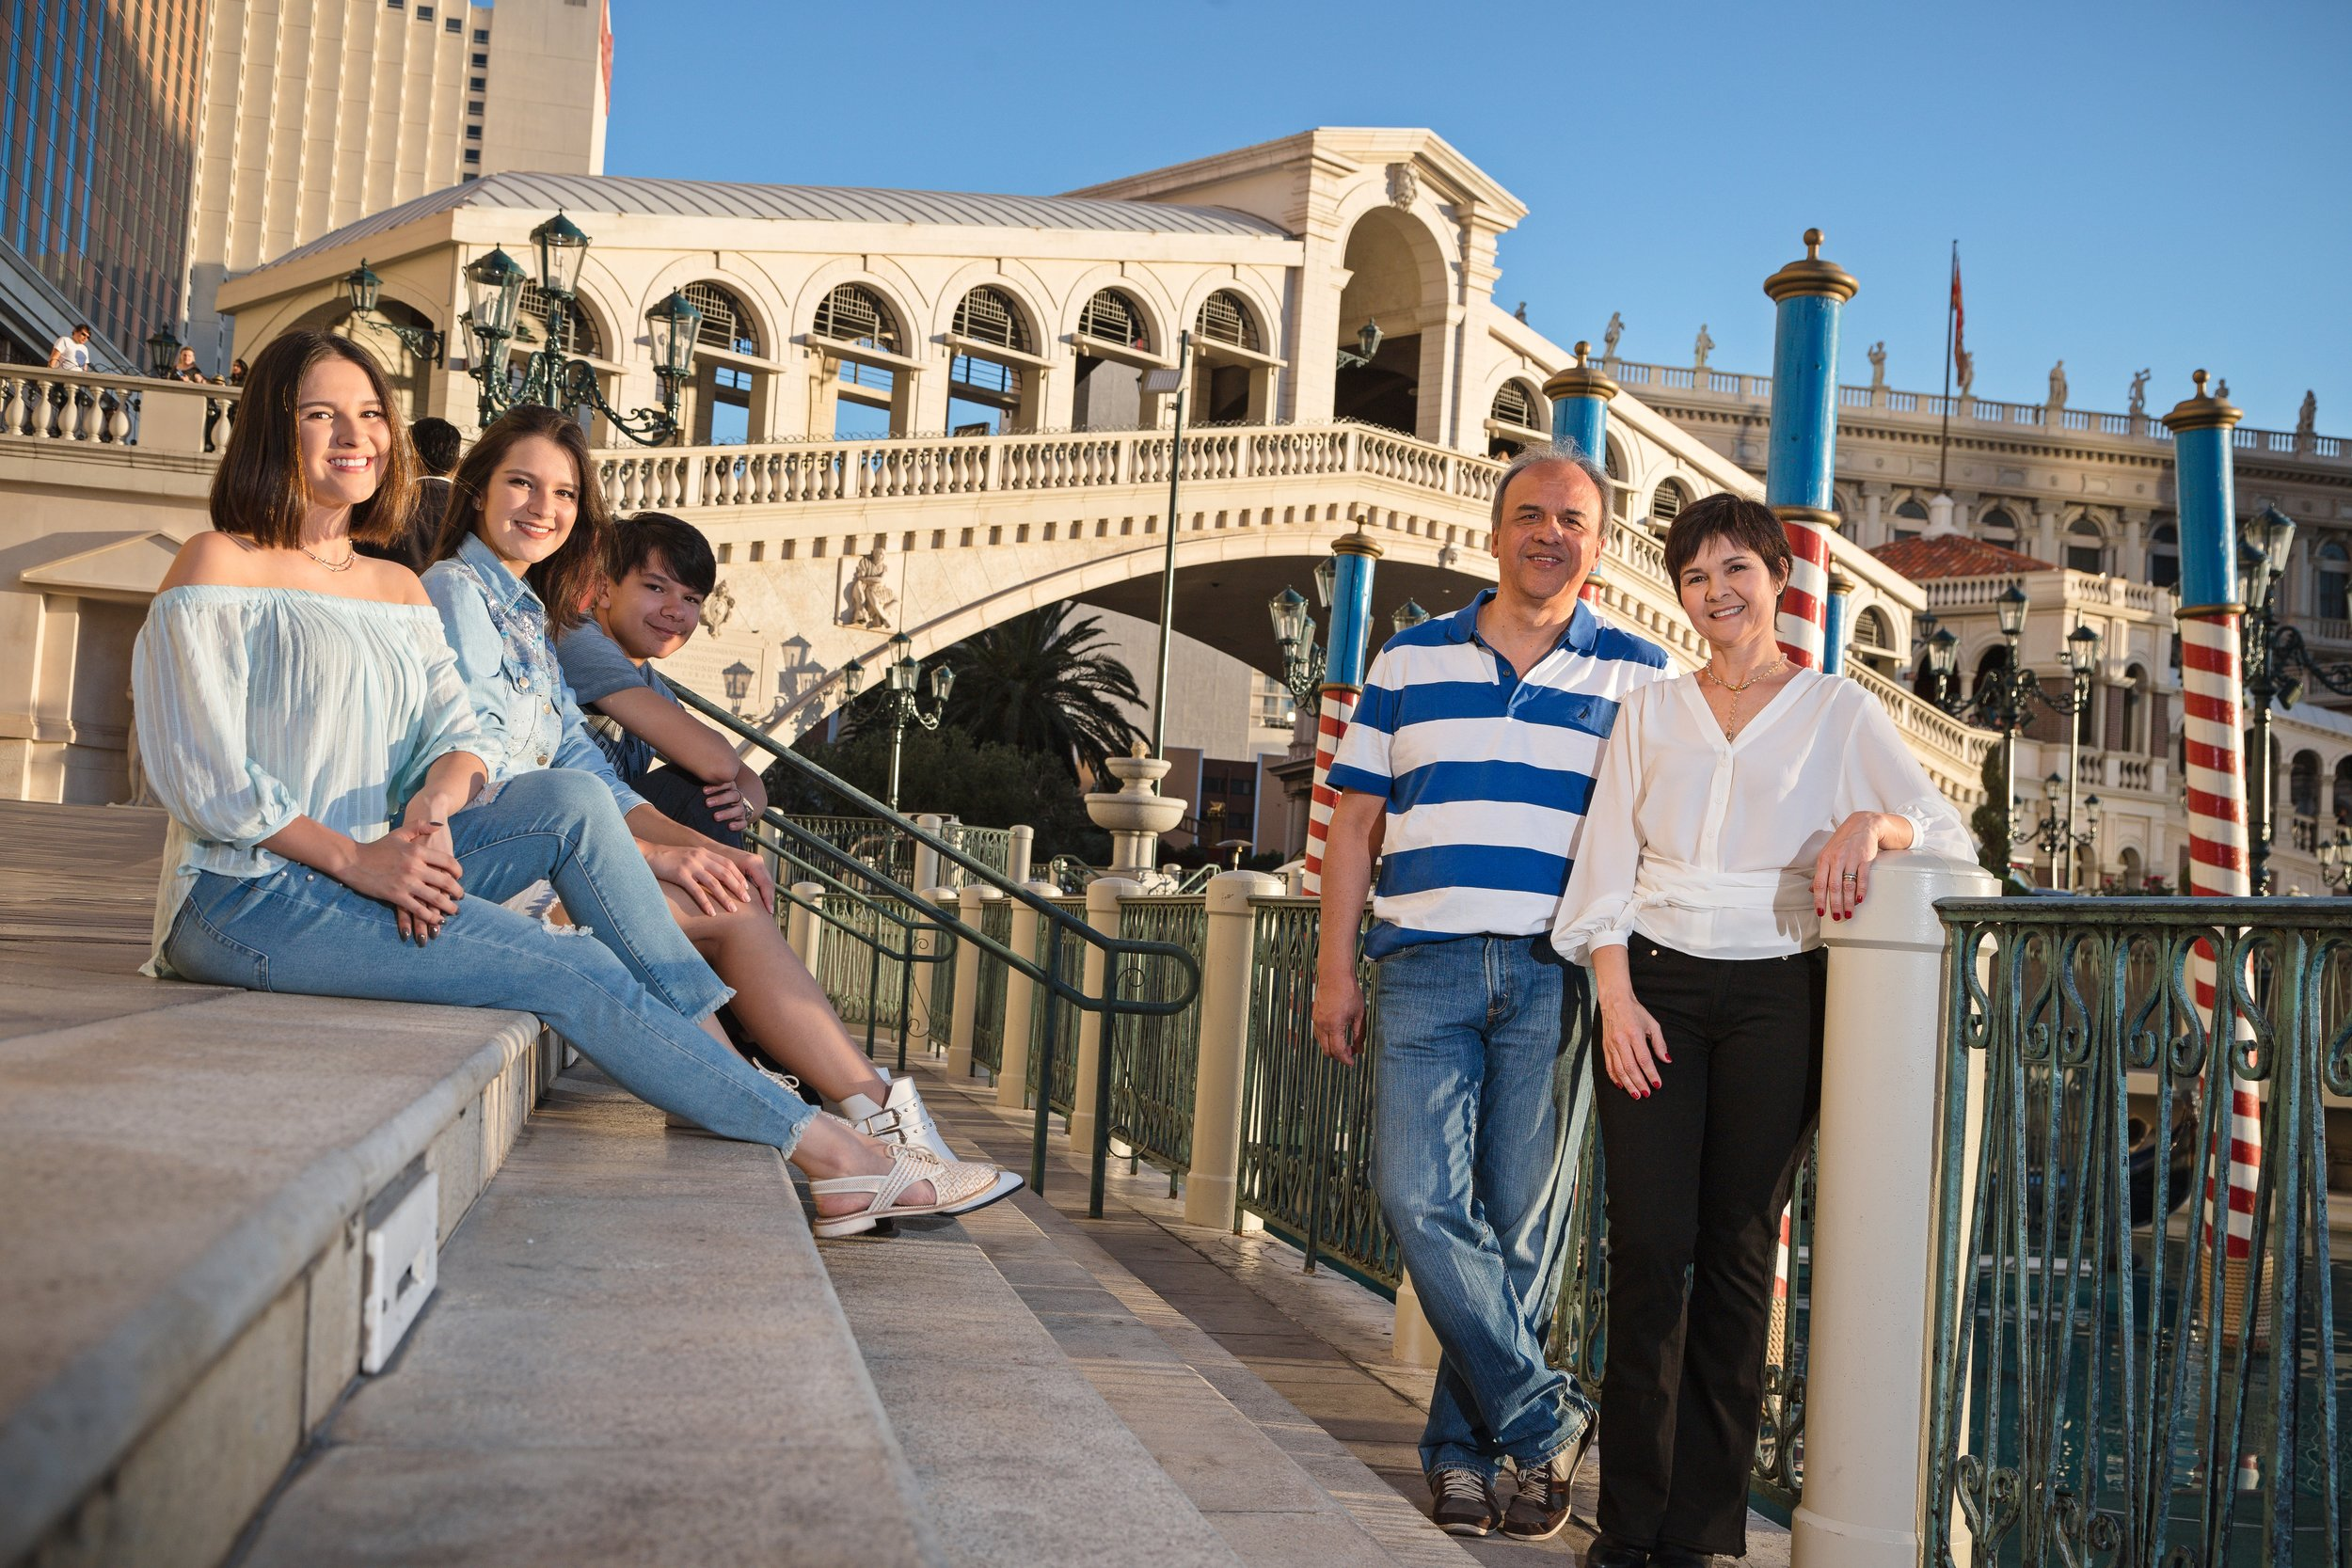 Foto: www.fotosnamala.com (Roberto do Fotos na Mala)